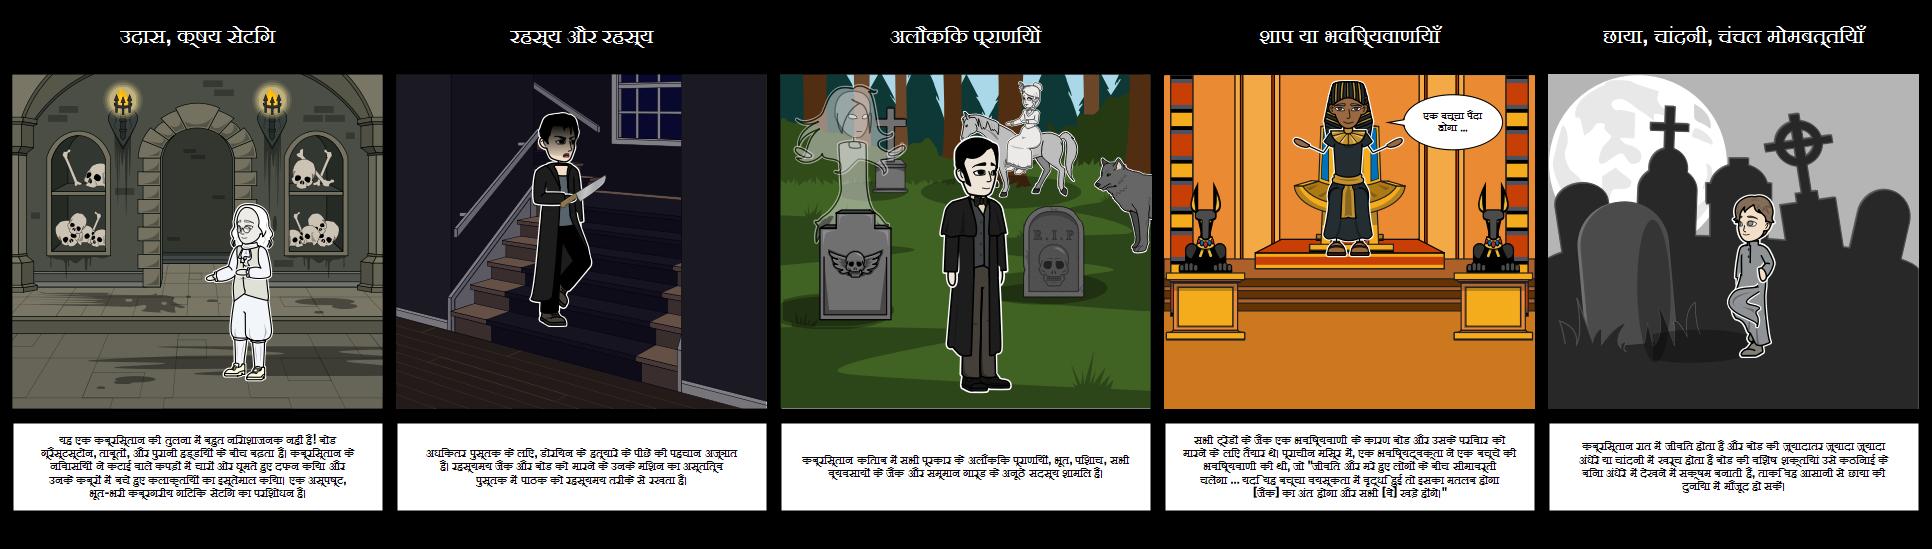 कब्रिस्तान बुक गोथिक तत्वों